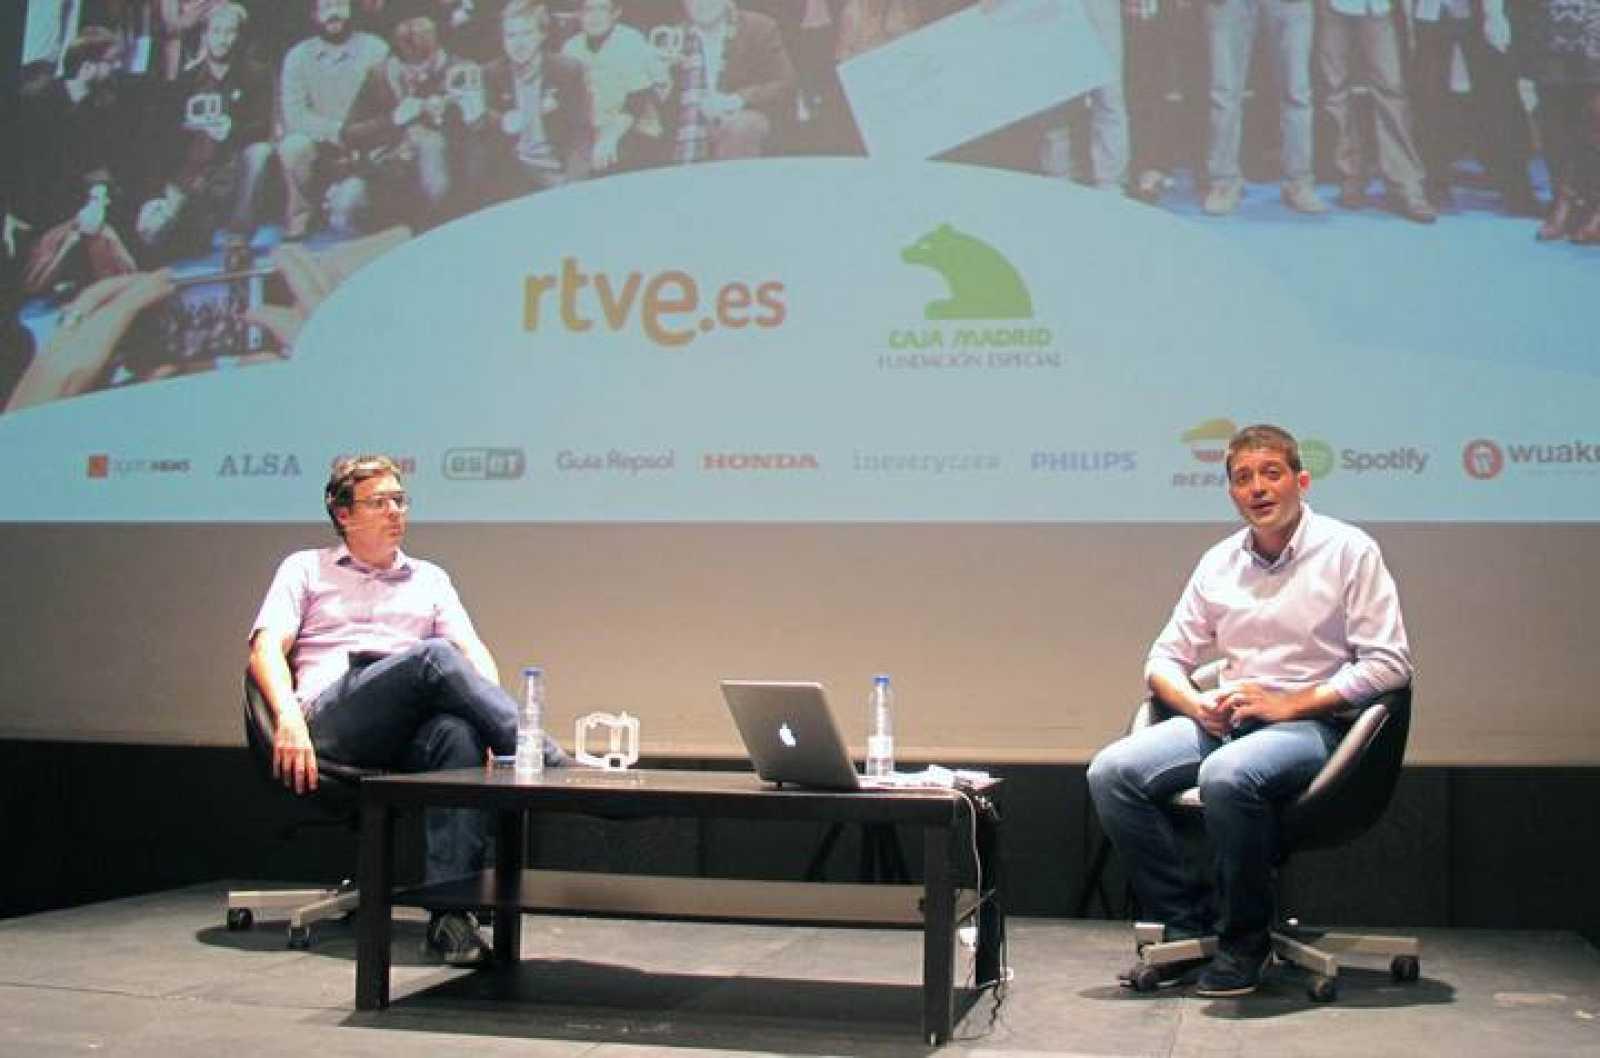 Ignacio Gómez, de RTVE.es y Raúl Ordóñez, de Bitacoras.com en la presentación de los Premios Bitácoras 2013.